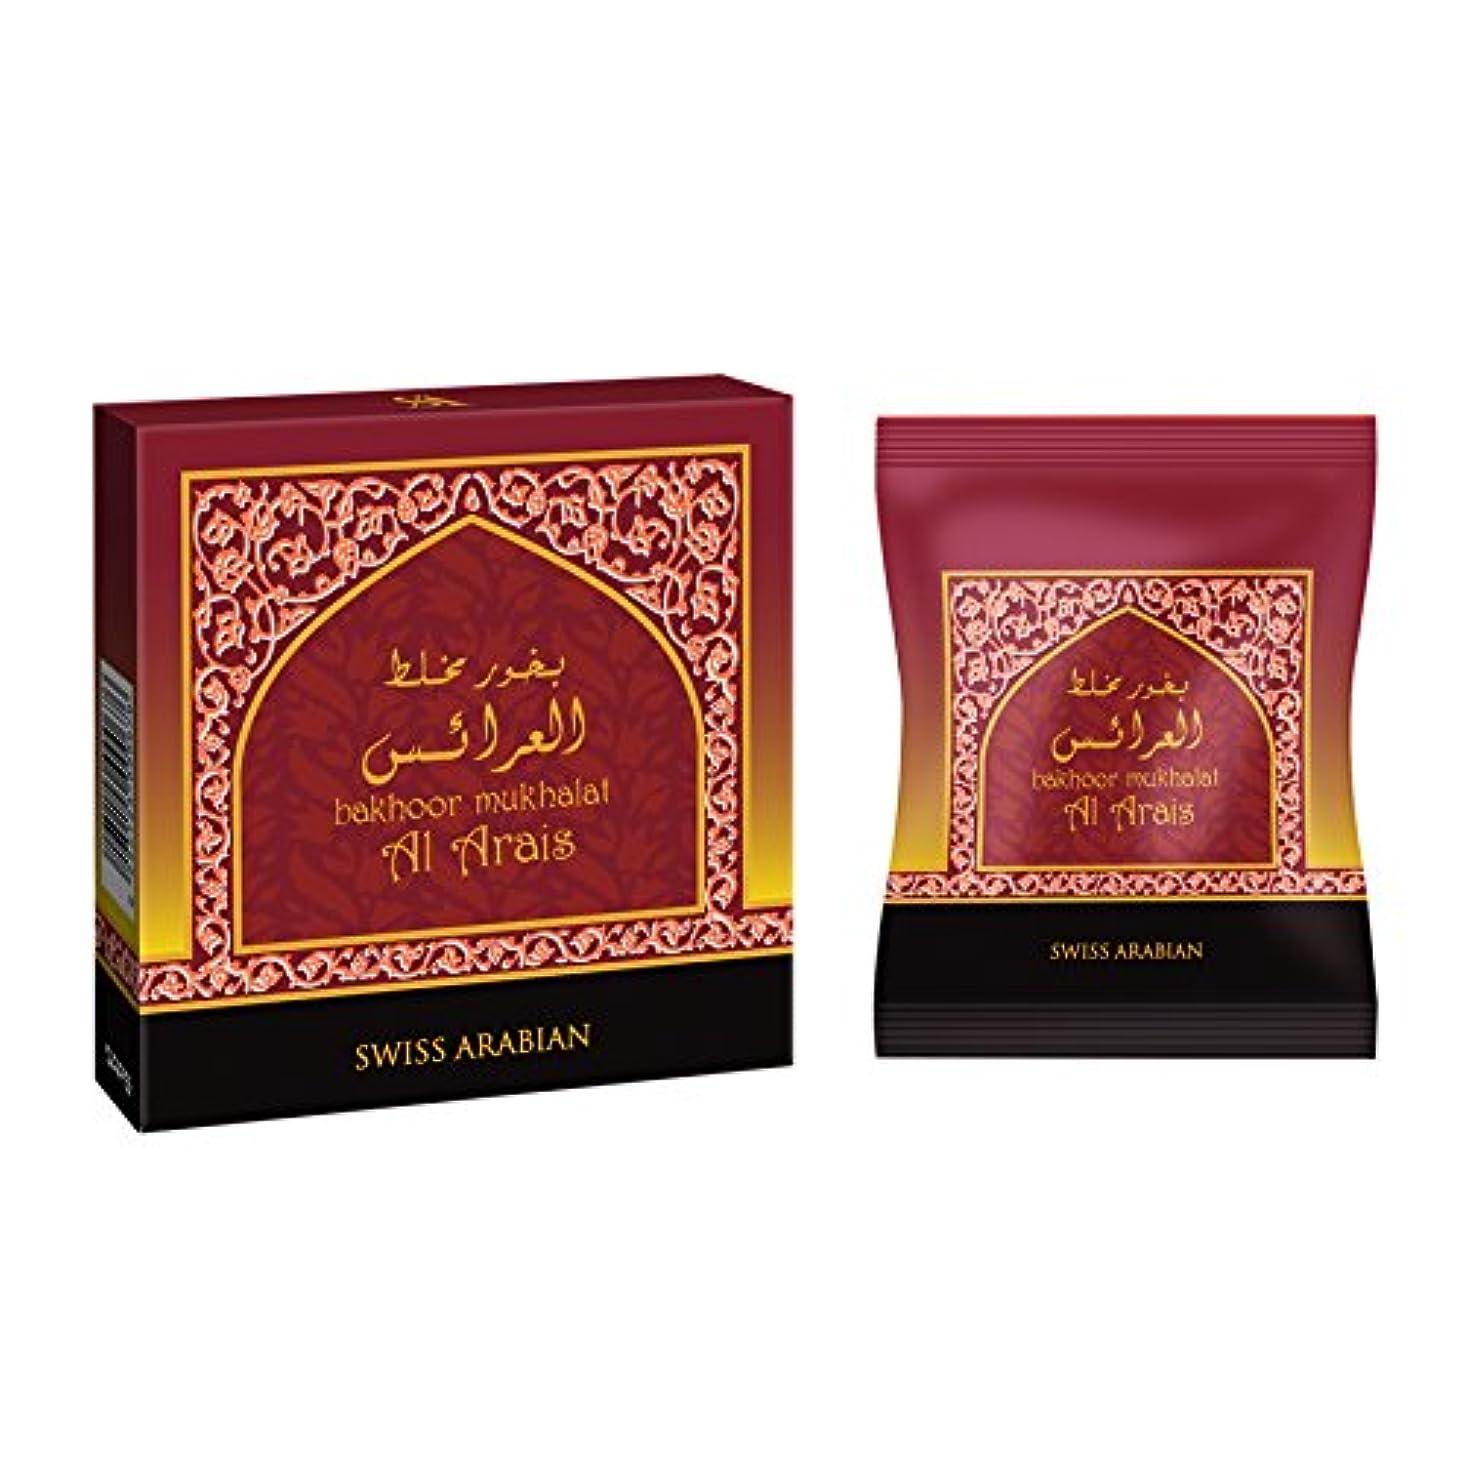 適切に核タイプライターswissarabian Mukhalat Al Arais Bakhoor (40g) Incense